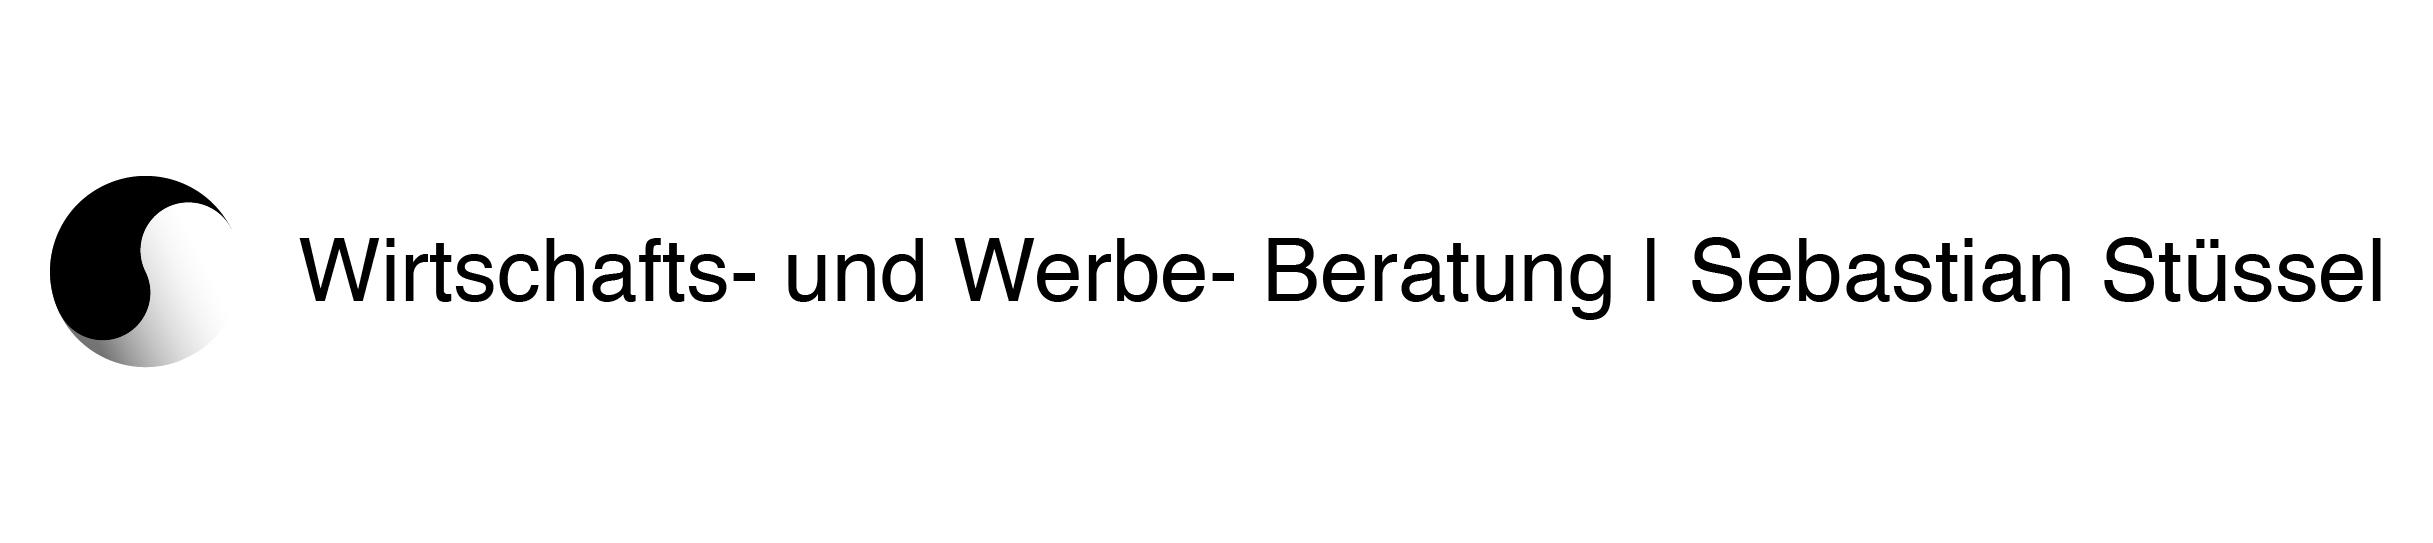 Wirtschafts- und Werbe- Beratung | Sebastian Stüssel